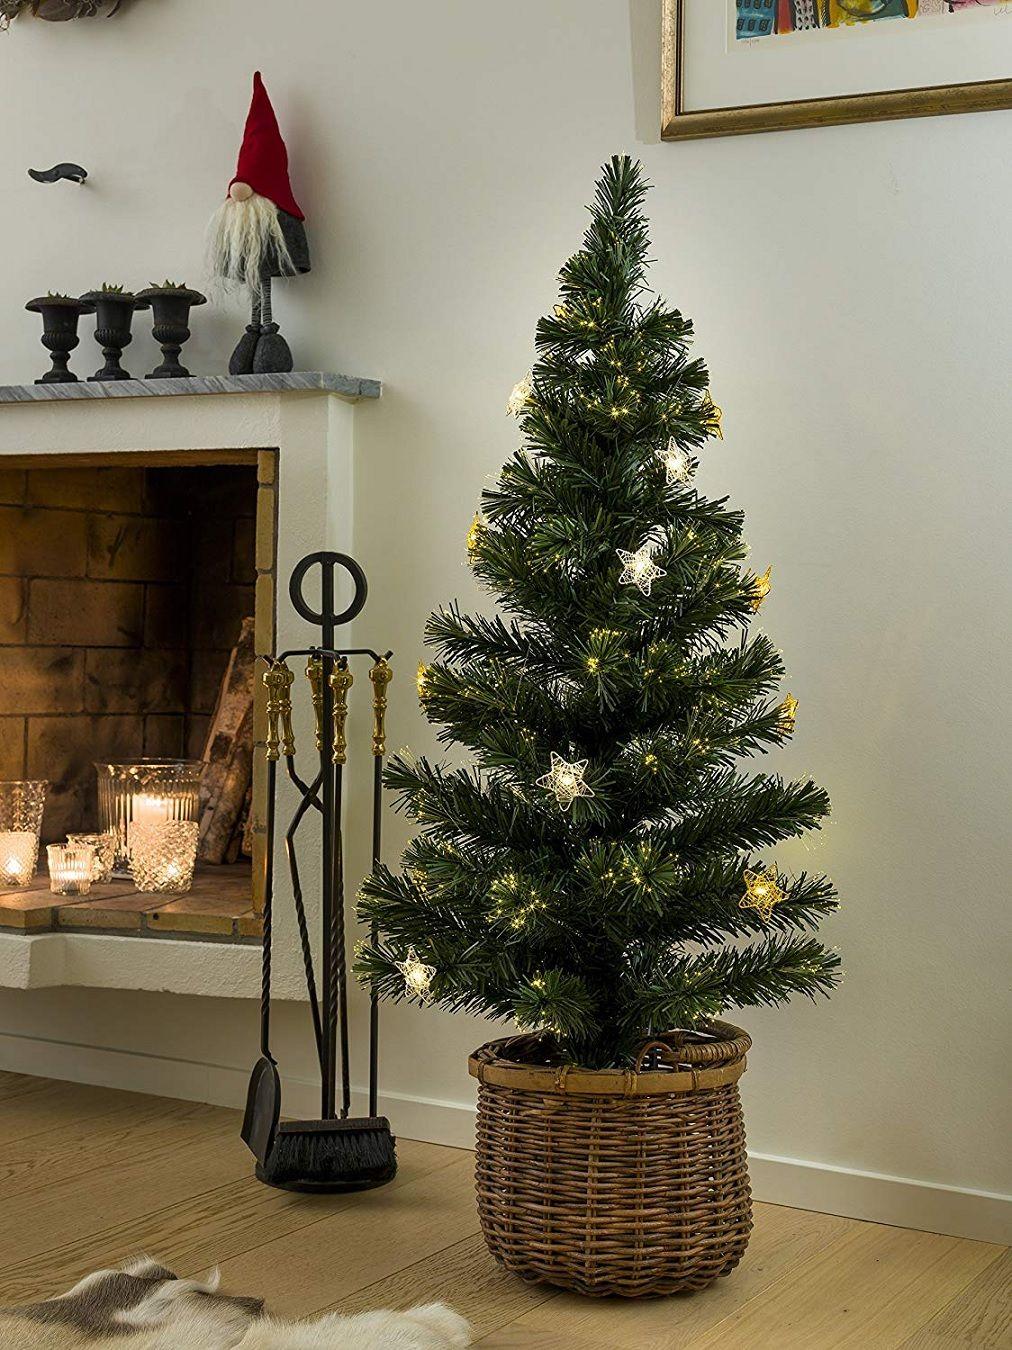 Weihnachtsbaum Mit Beleuchtung.Weihnachtsbaum Höhe 120cm Deko Led Beleuchtung Weihnachten